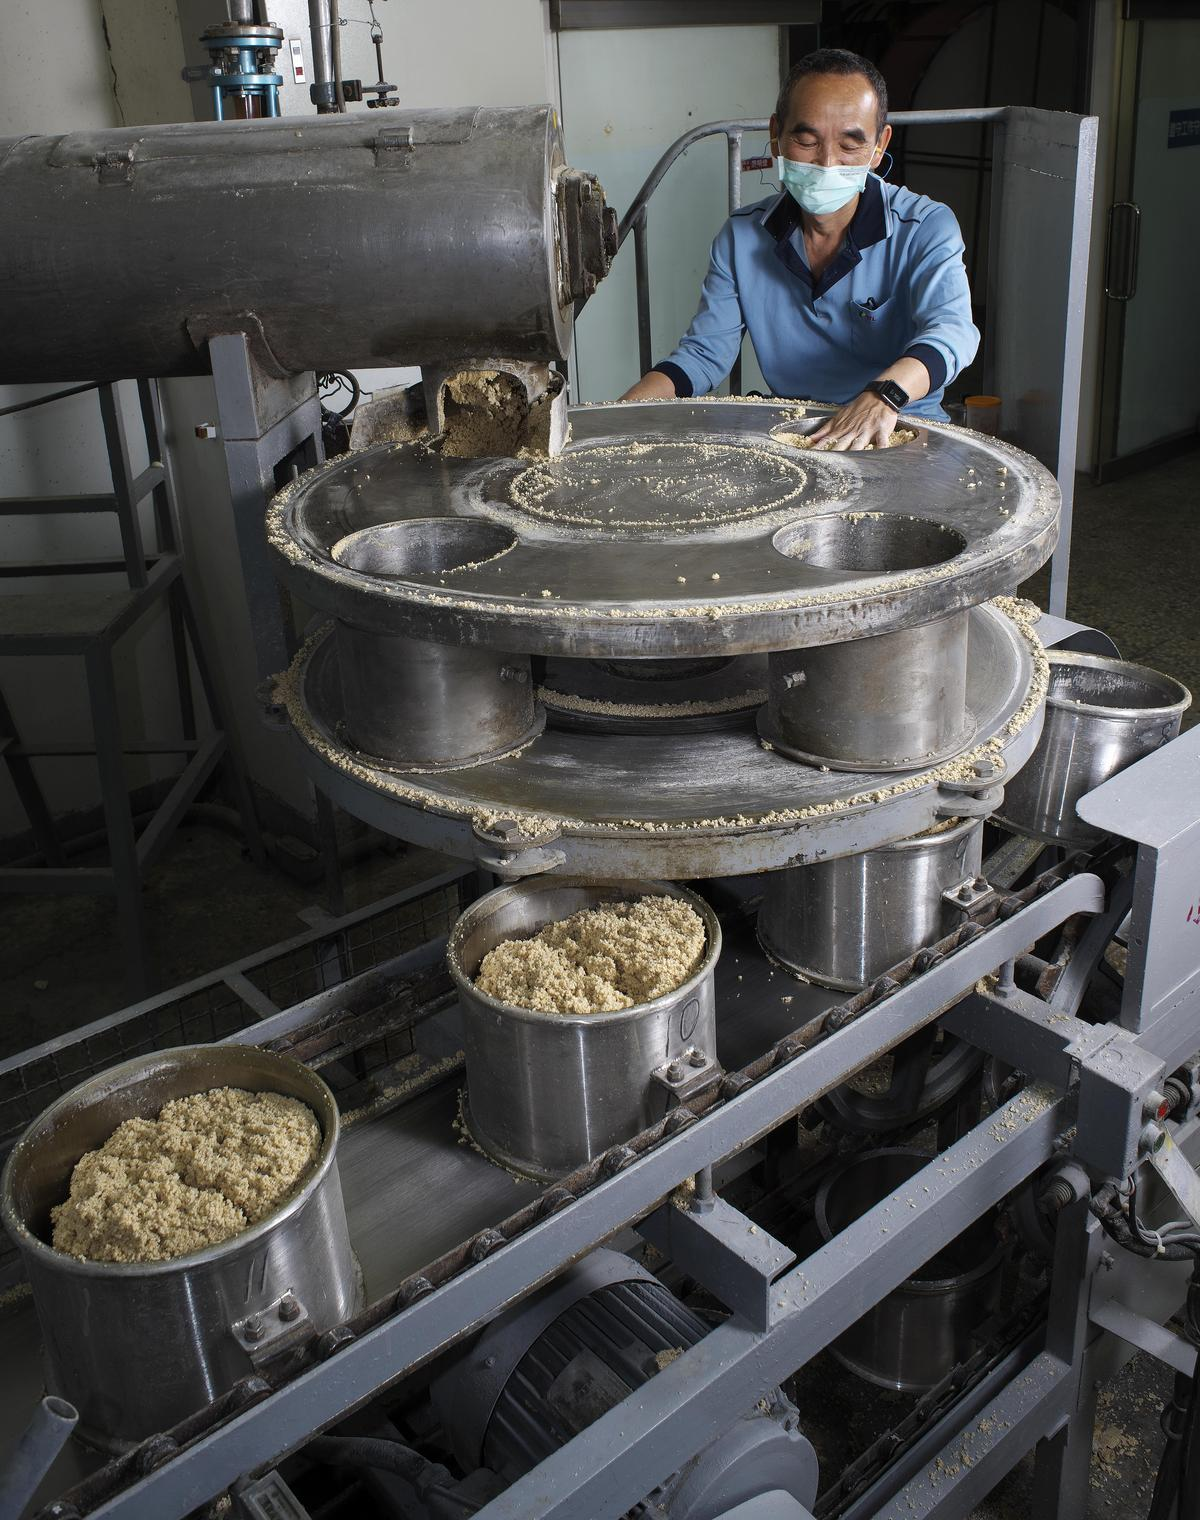 老師傅正在製作麴餅,是高粱風味的關鍵來源之一。麴餅的原料是小麥,這也是為什麼高粱酒酒標上的原料標示,除高粱外還有小麥。